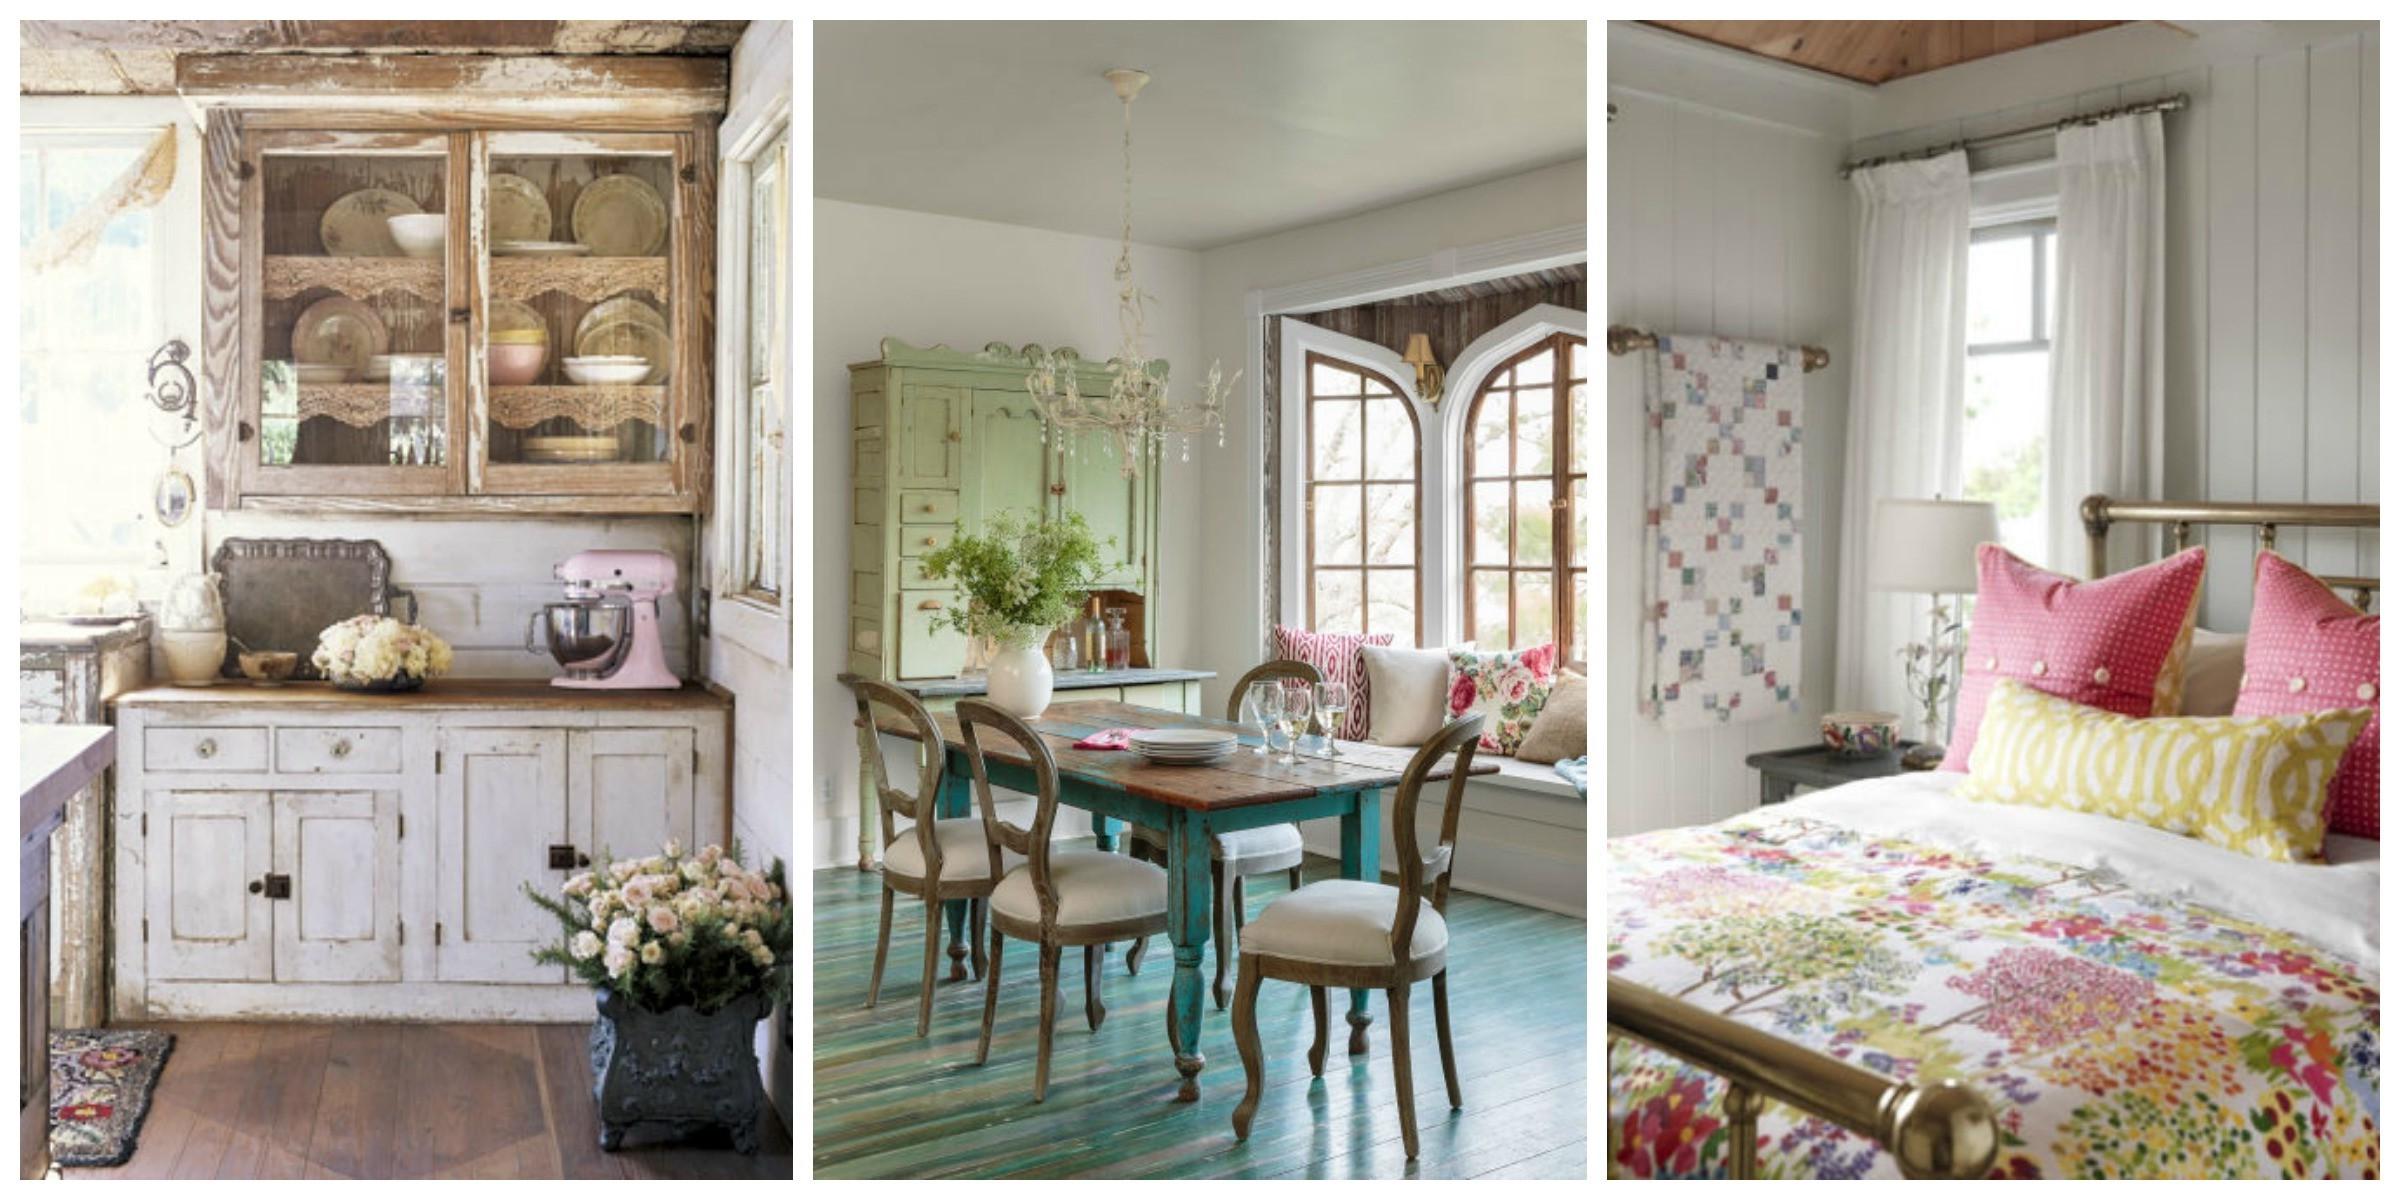 Tous ces détails évoquent une image de la perfection rurale anglaise et peuvent s'avérer difficiles à reproduire.